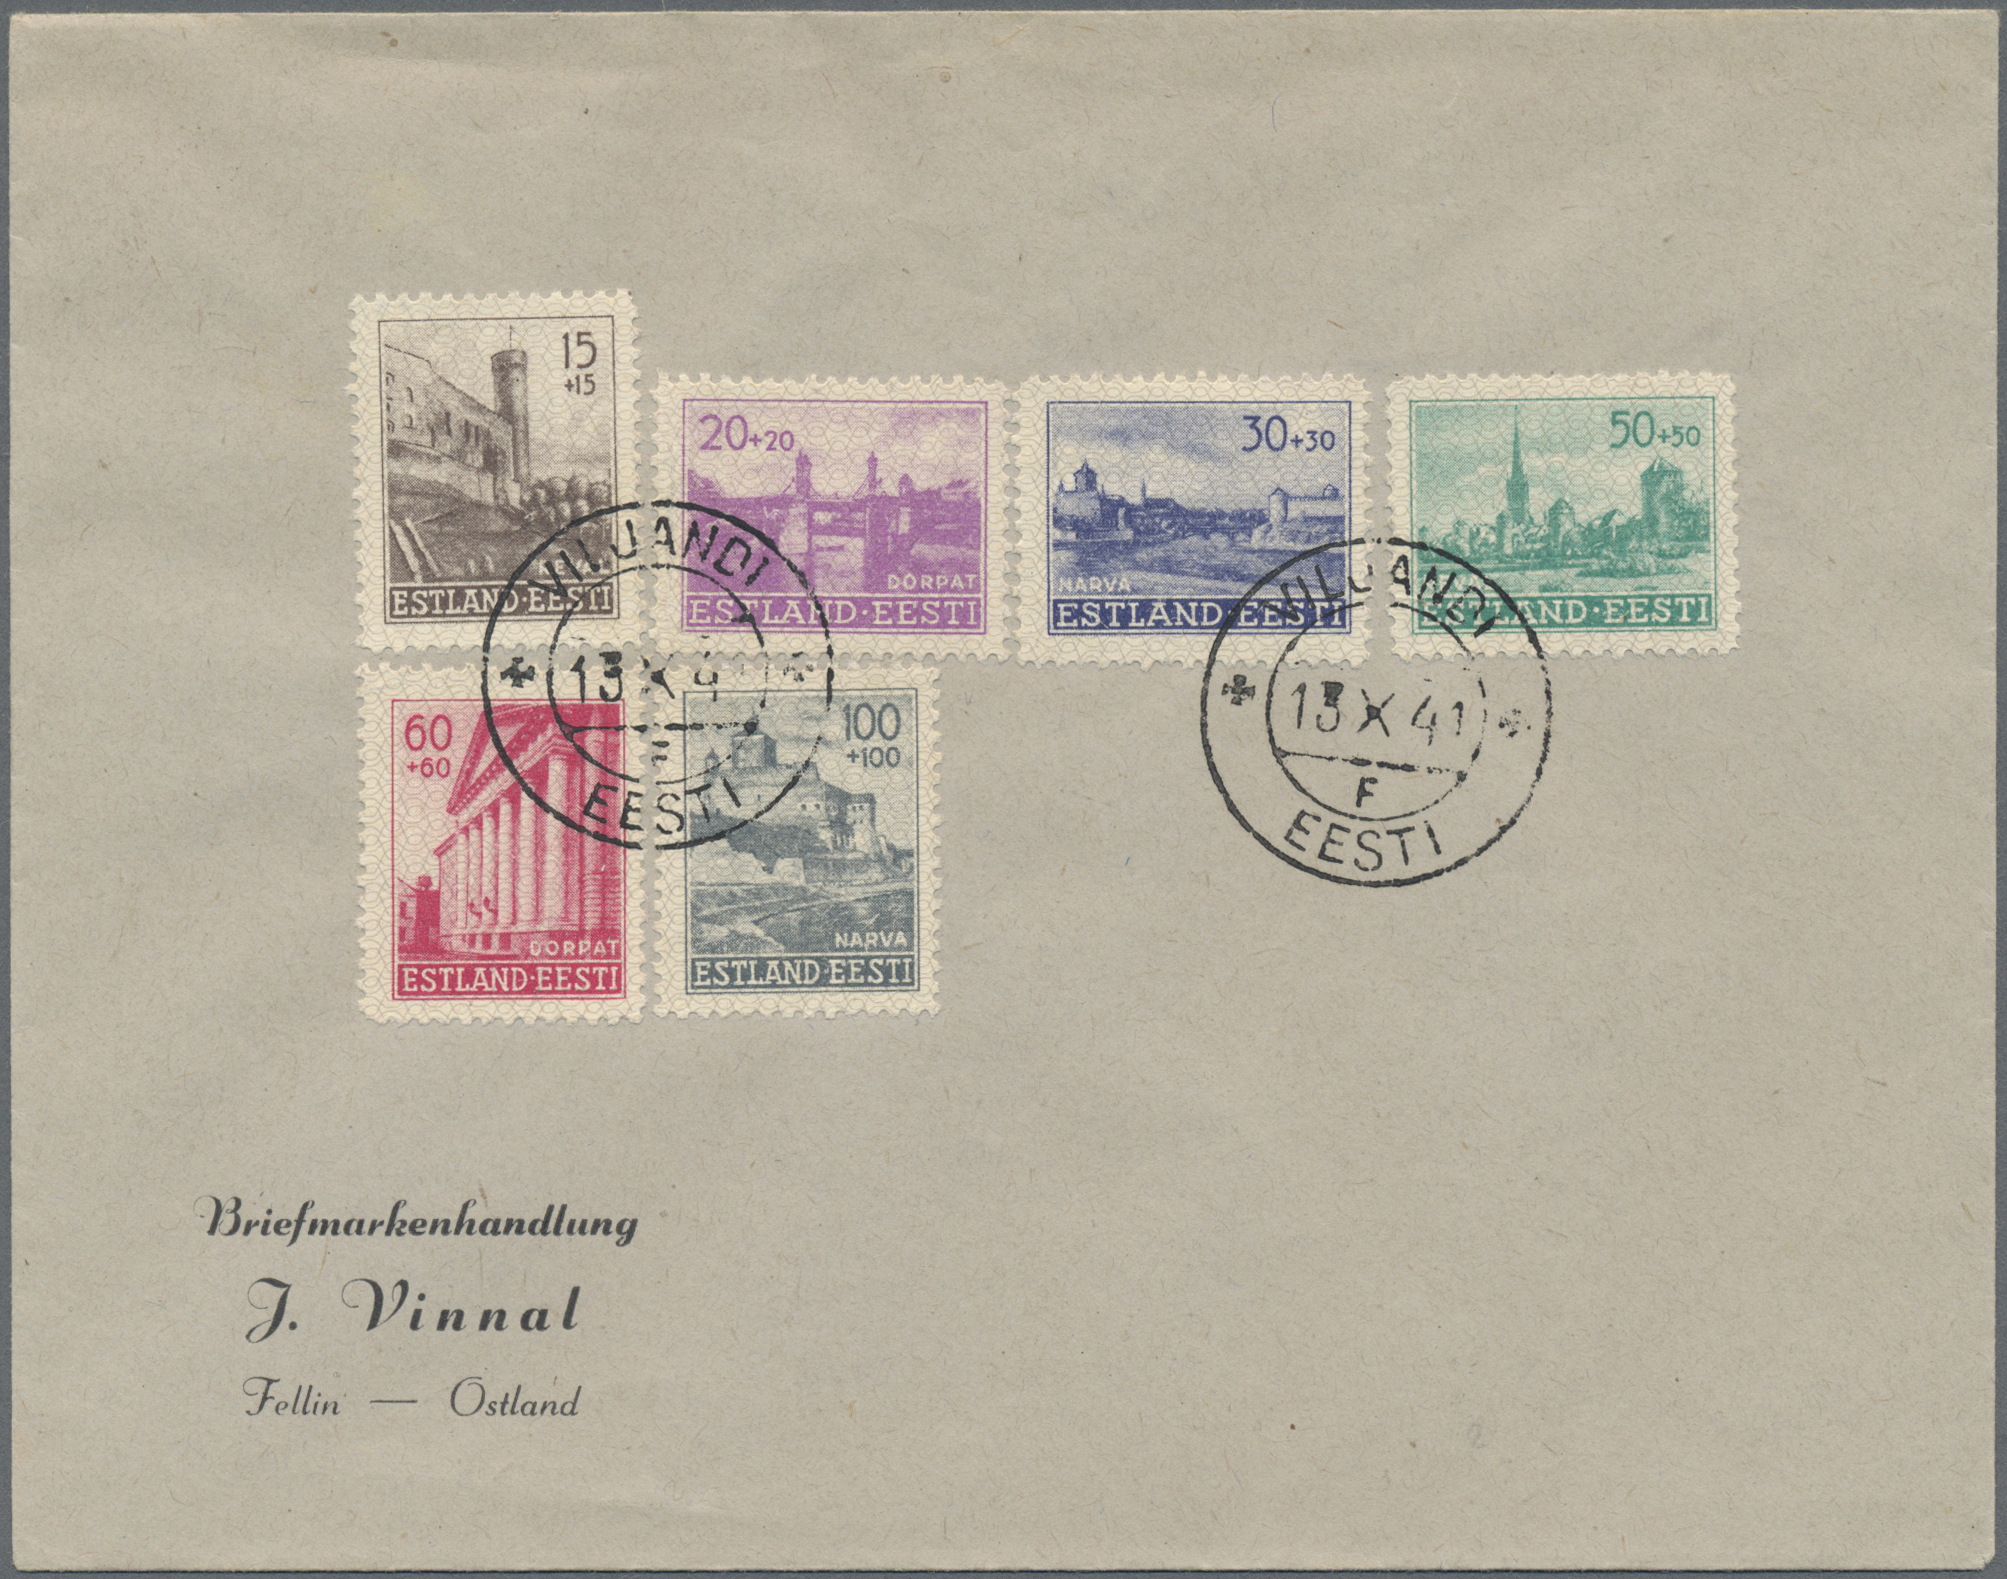 Lot 23708 - deutsche besetzung ii. wk  -  Auktionshaus Christoph Gärtner GmbH & Co. KG 50th Auction Anniversary Auction - Day 7